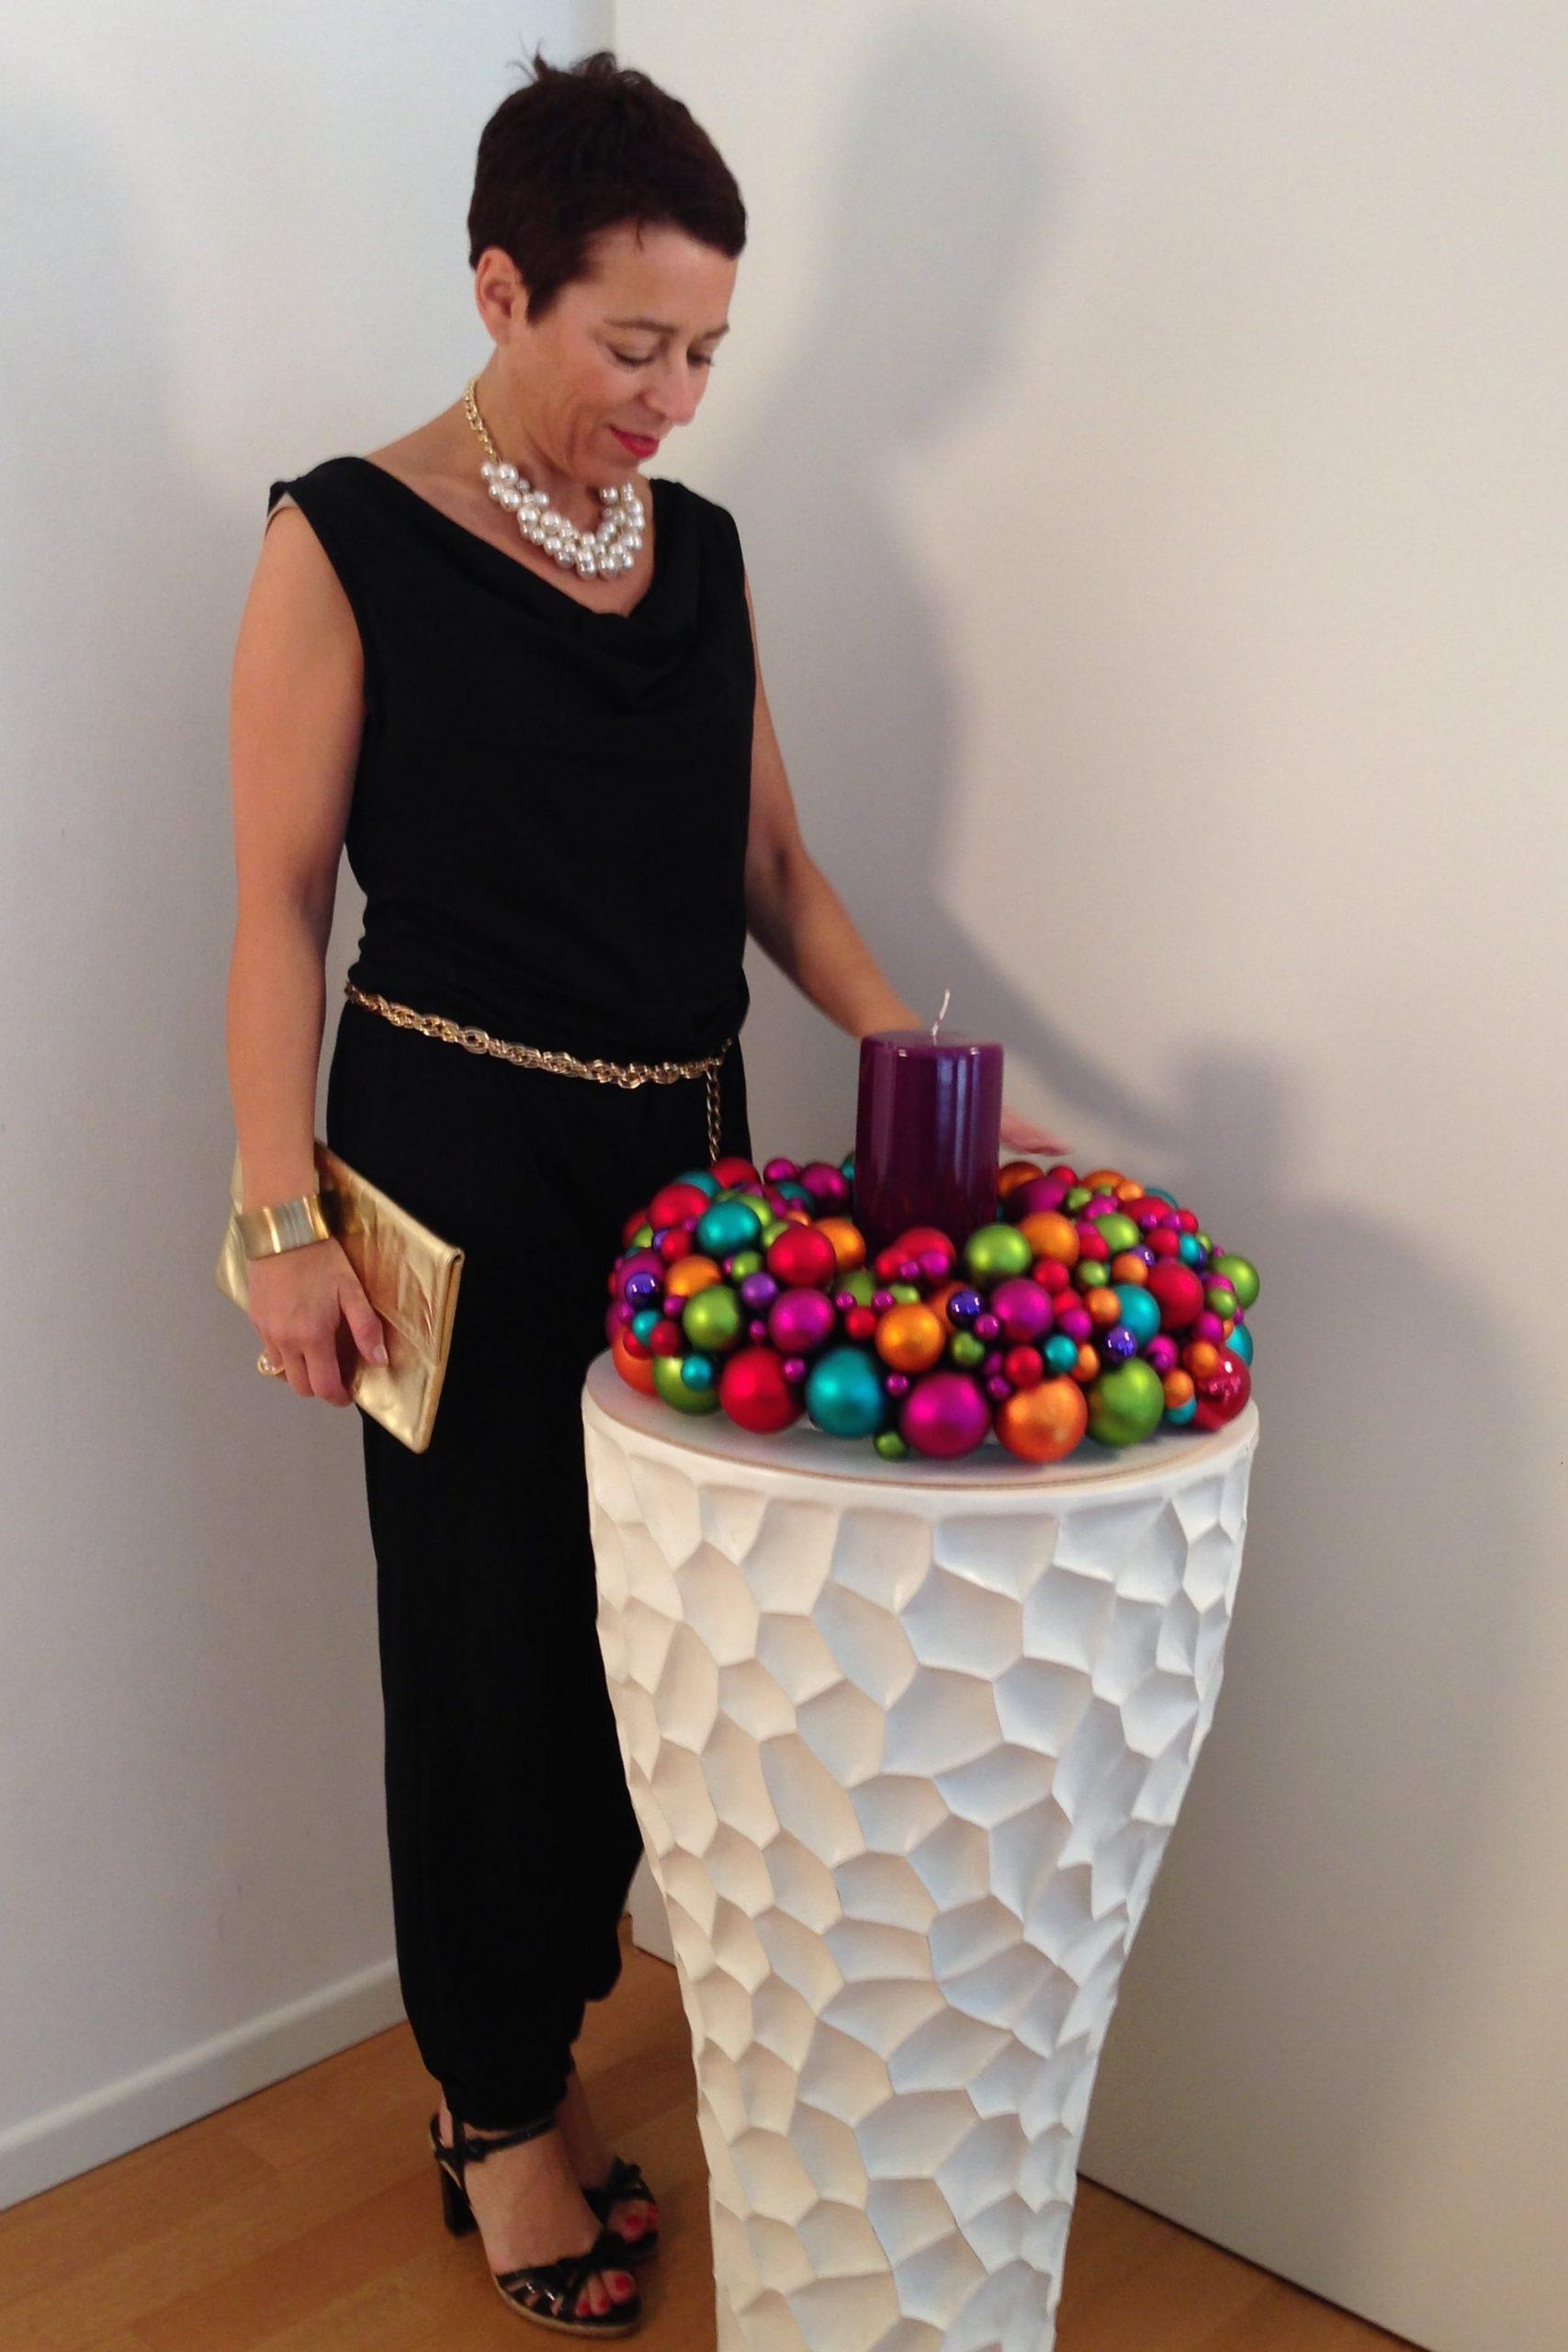 20 Erstaunlich Gala Abend Bekleidung Galerie Coolste Gala Abend Bekleidung Stylish